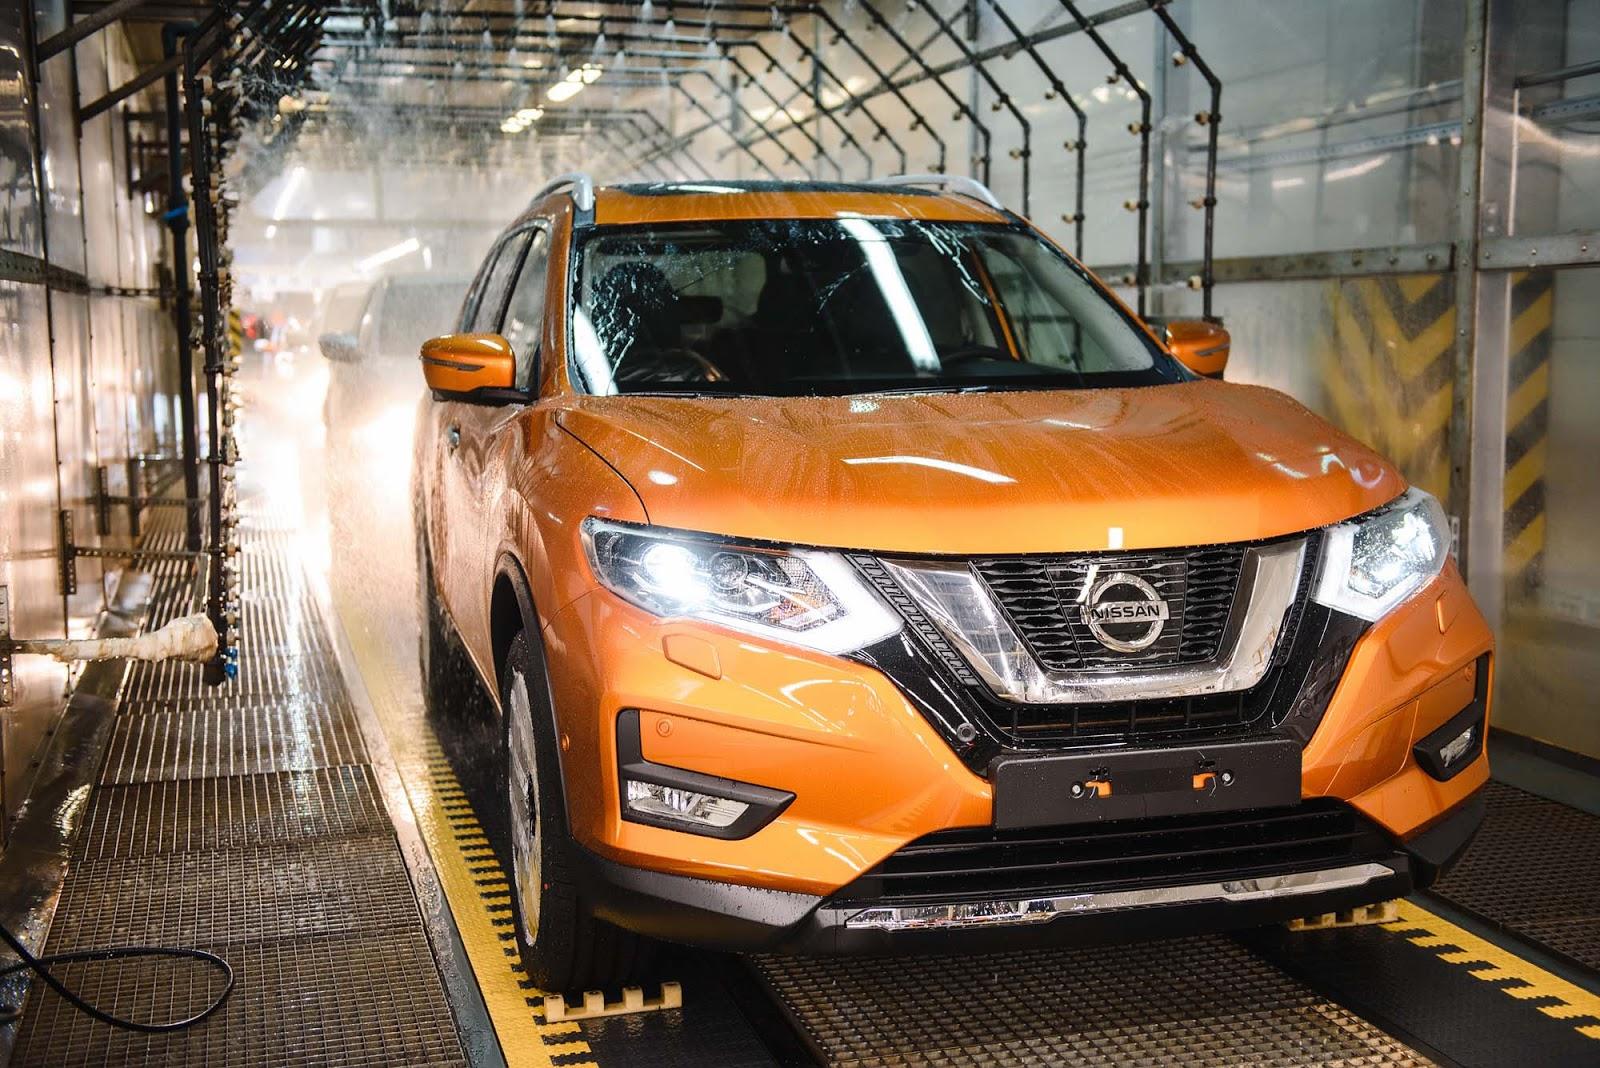 Το εργοστάσιο της Nissan στην Αγία Πετρούπολη, ξεκινά την παραγωγή του νέου X-Trail για τη Ρωσία